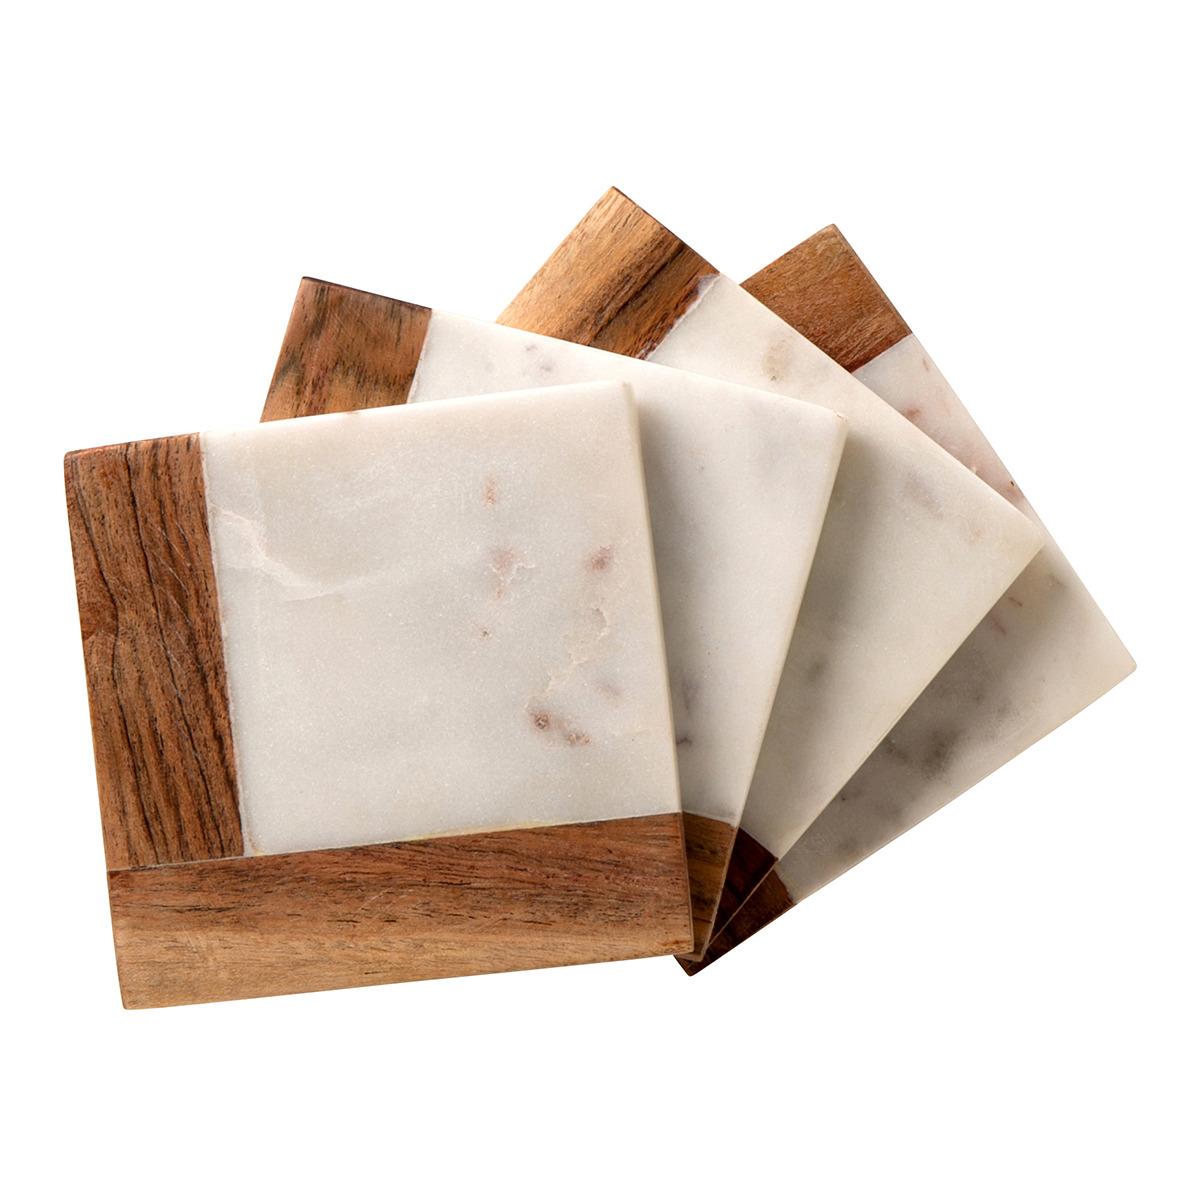 Juego de 4 posavasos de mármol y madera Marwood El Corte Inglés